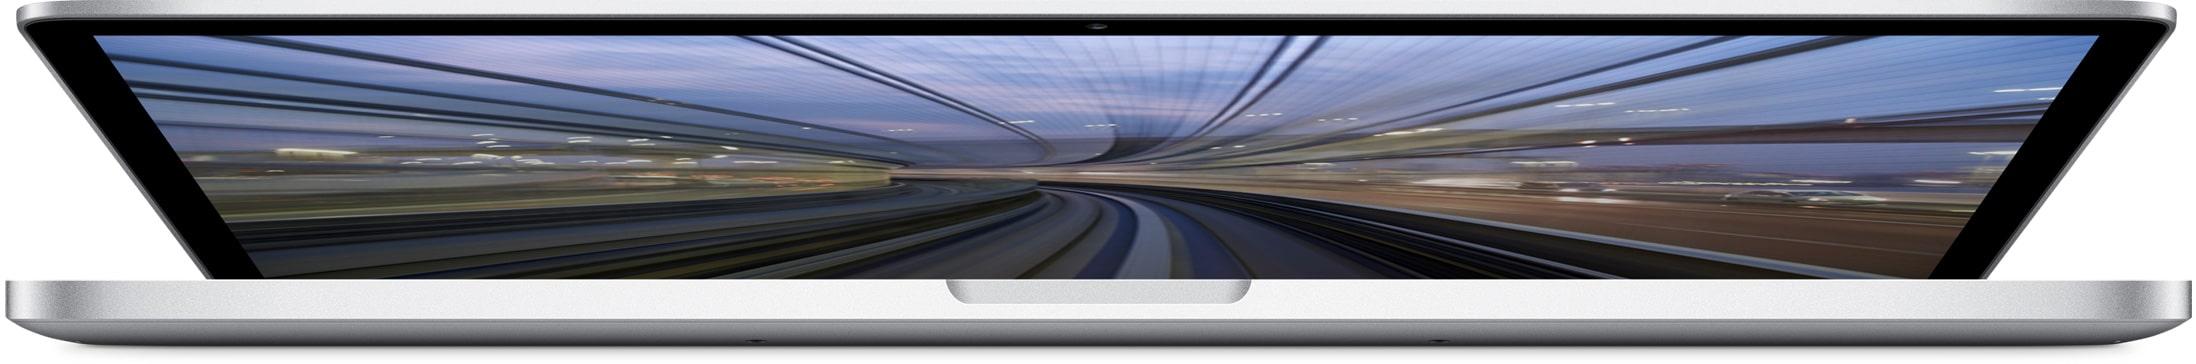 MacBook Pro com tela Retina (fim de 2013) aberto